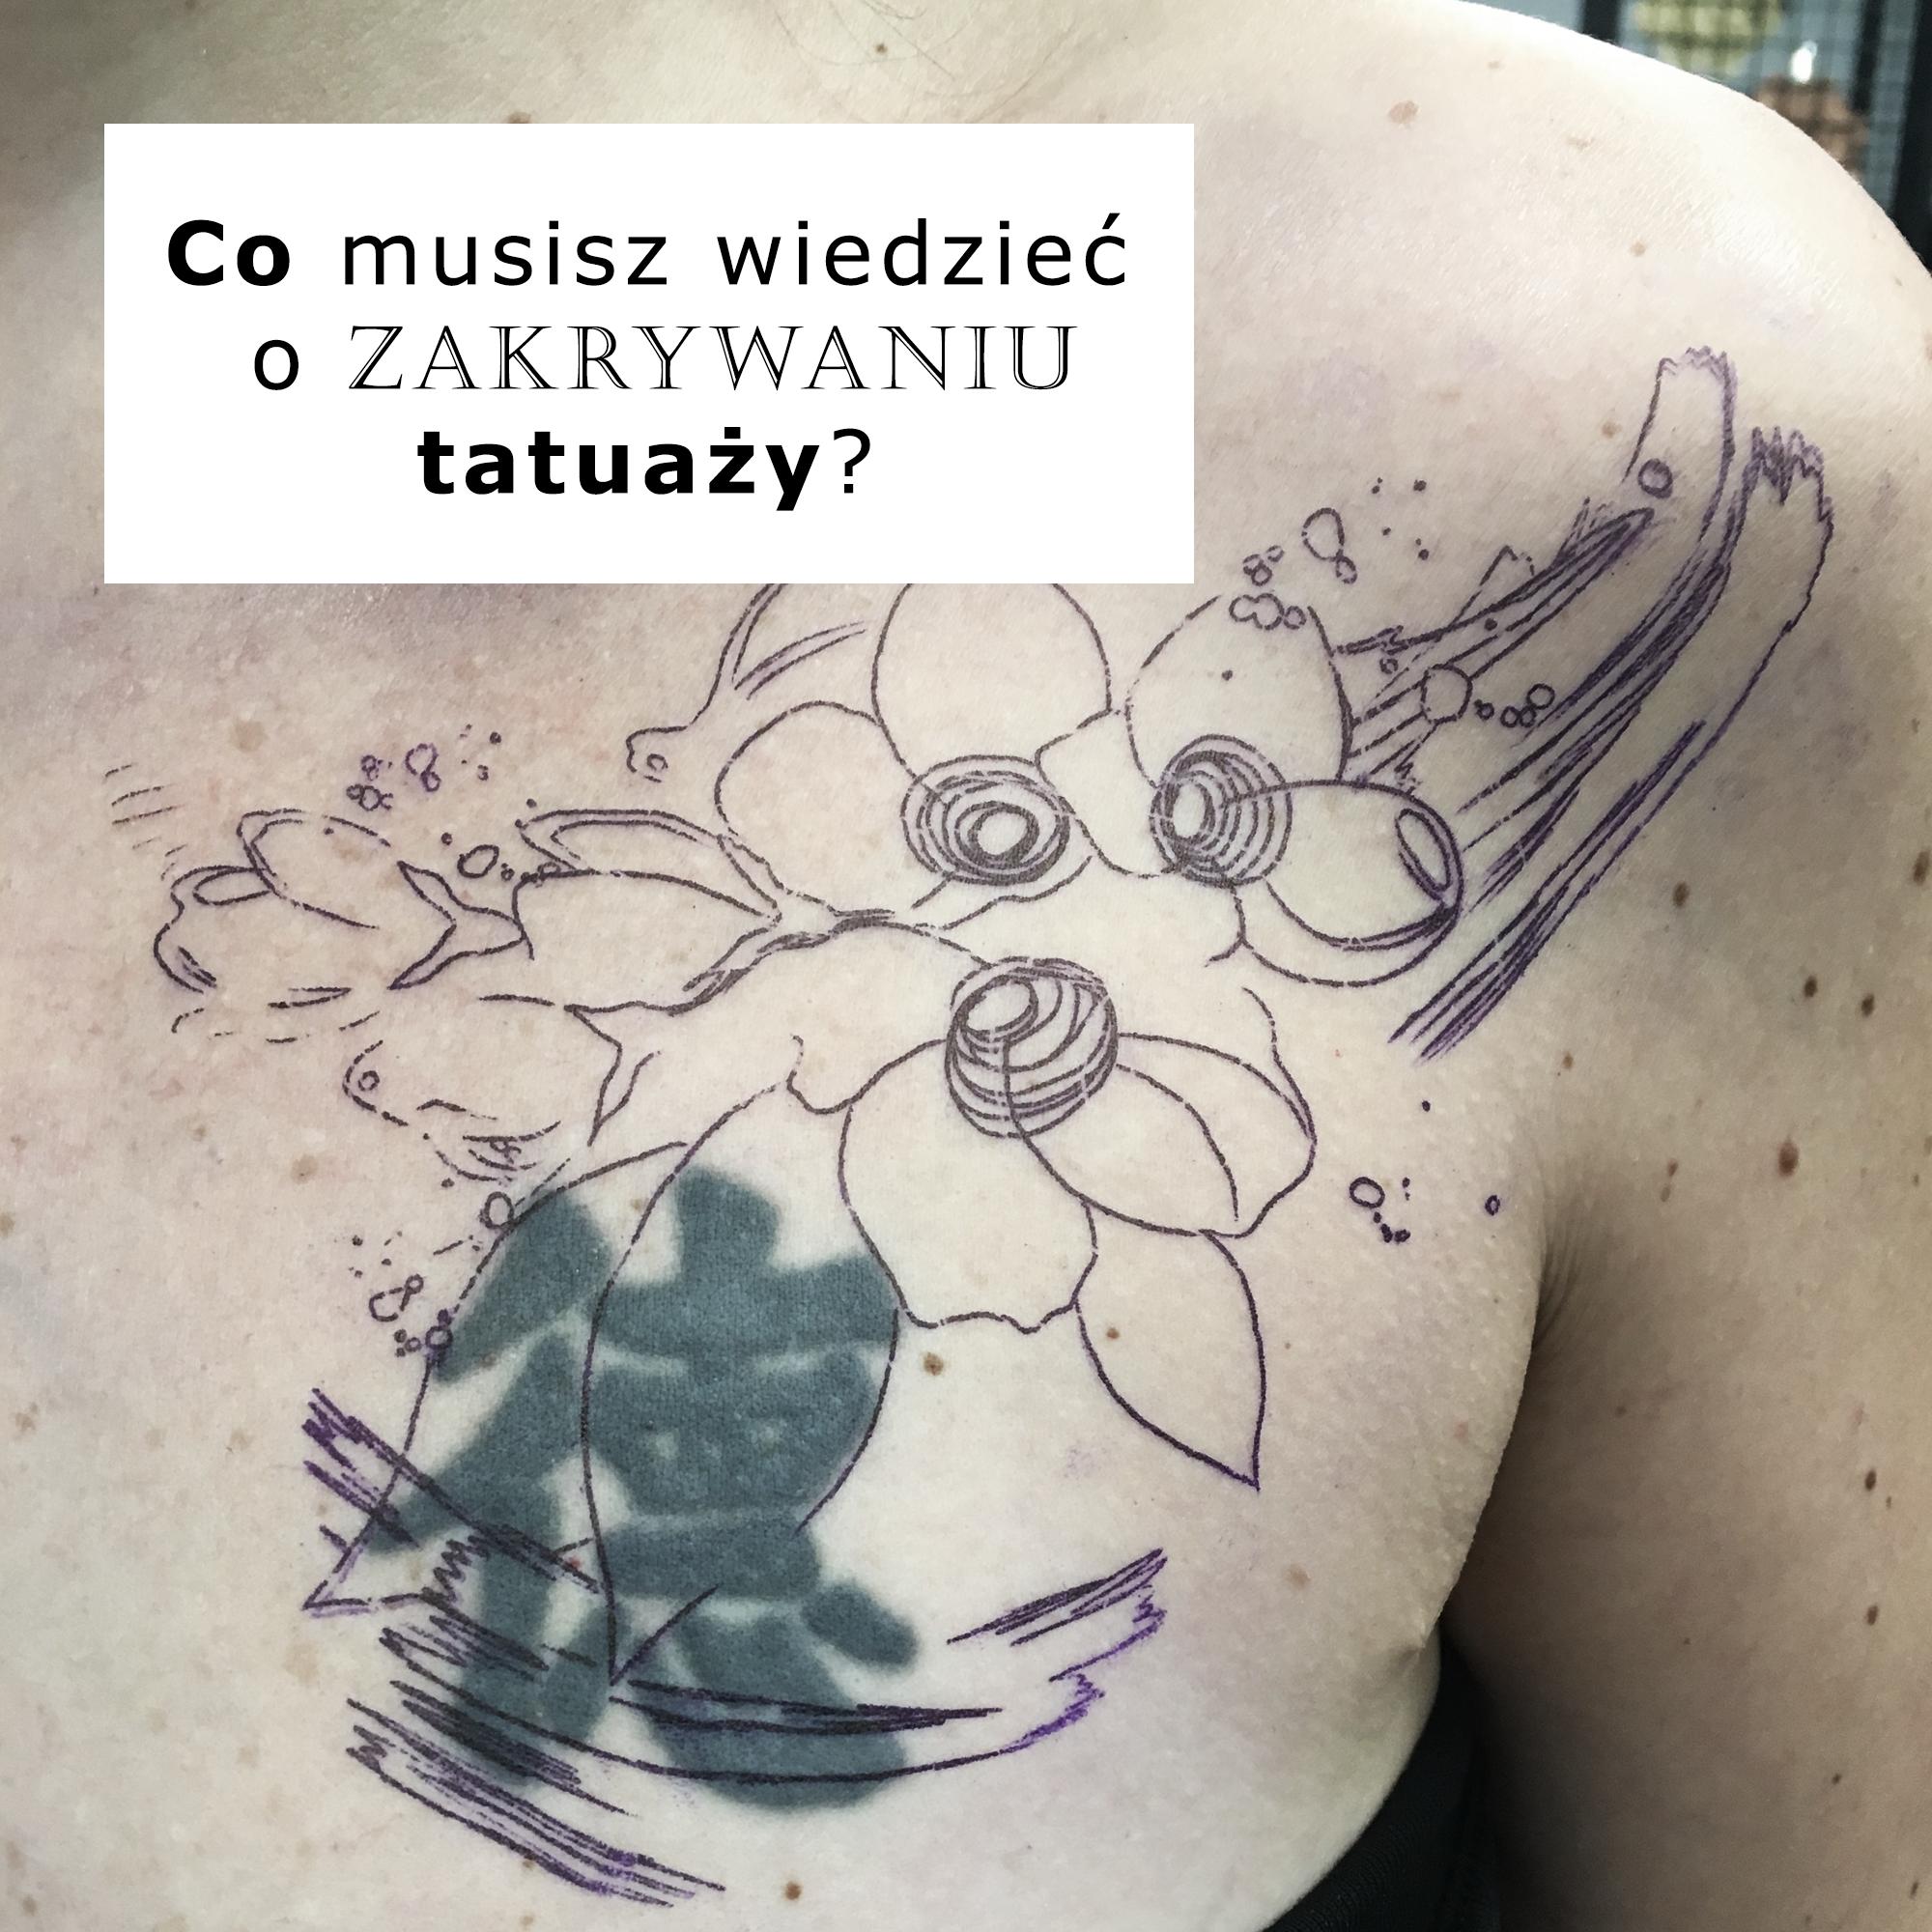 Zakrywanie tatuaży - co musisz wiedzieć